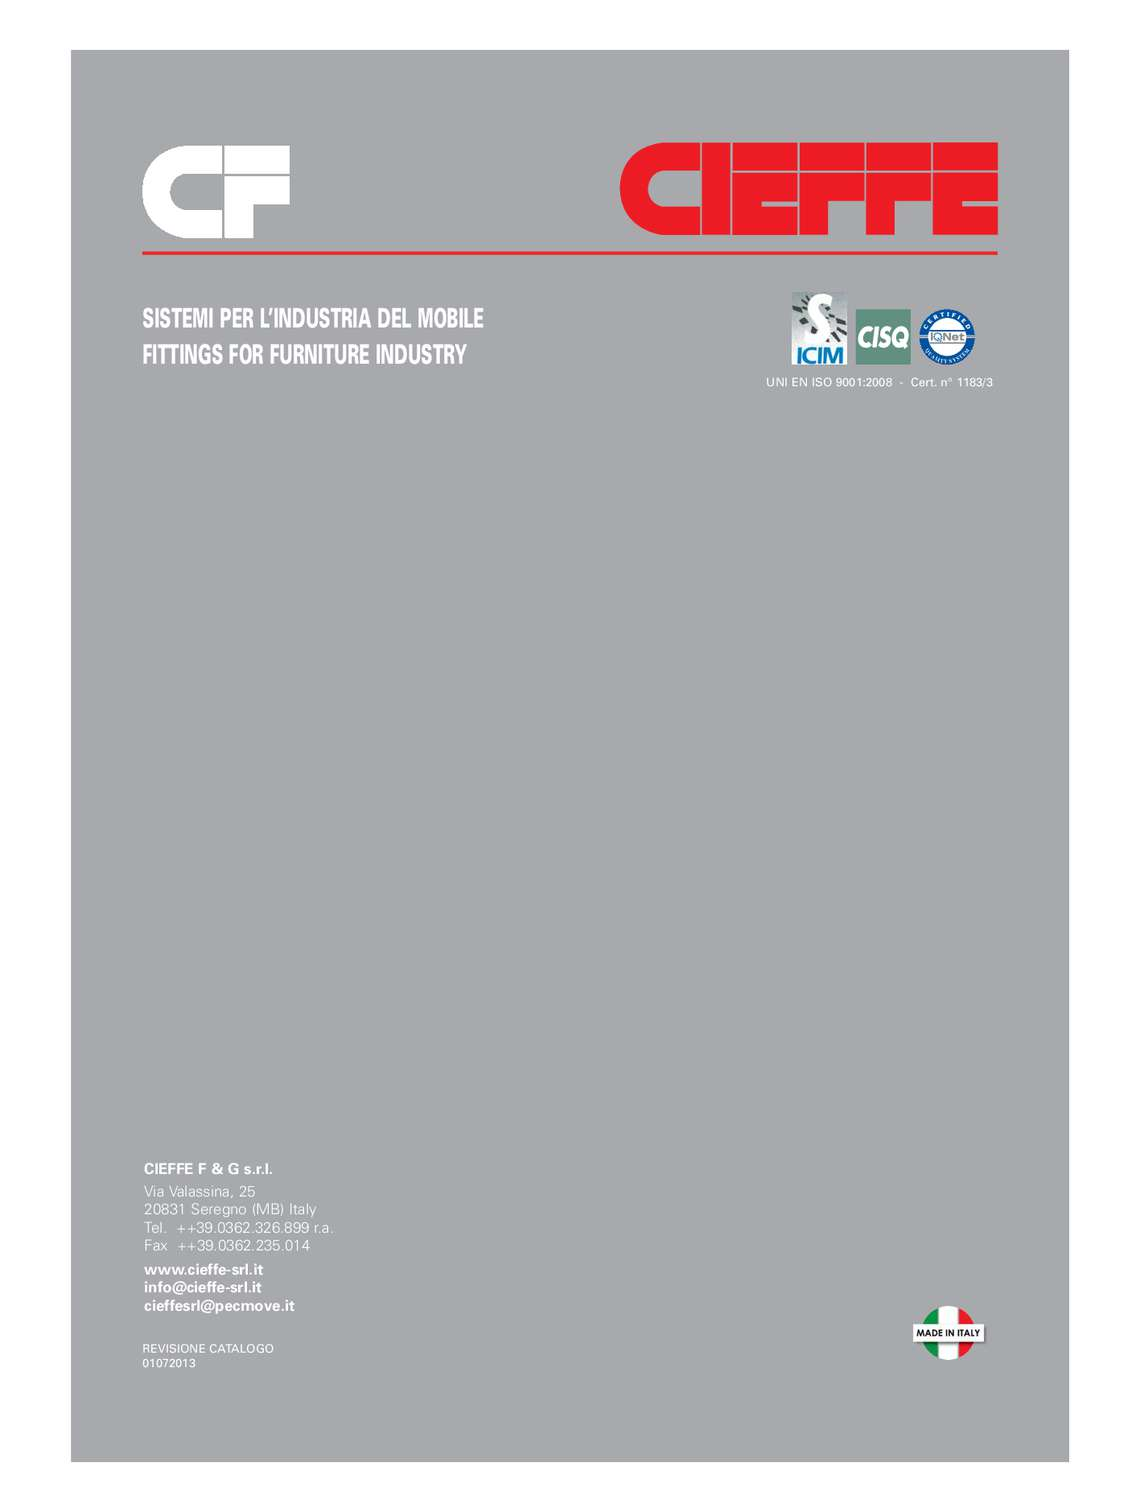 cieffe-generale_87_001.jpg